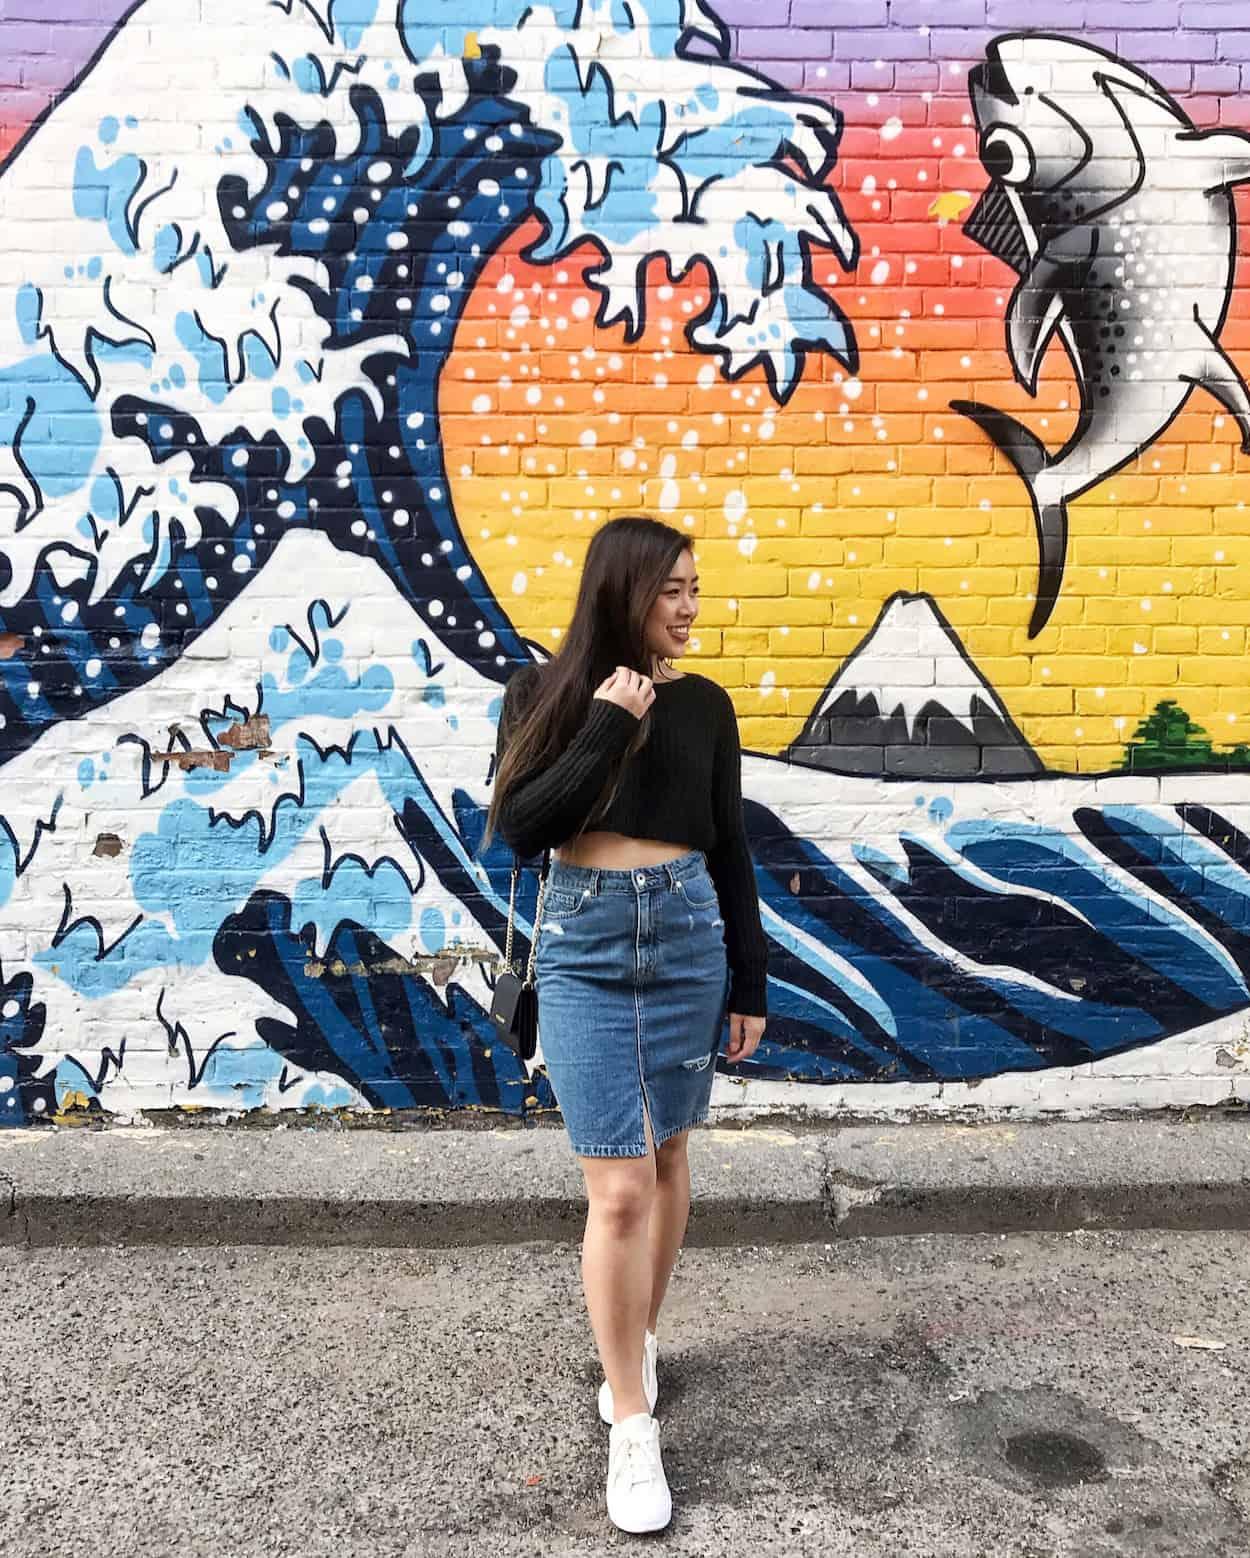 Kinka Izakaya mural in Toronto